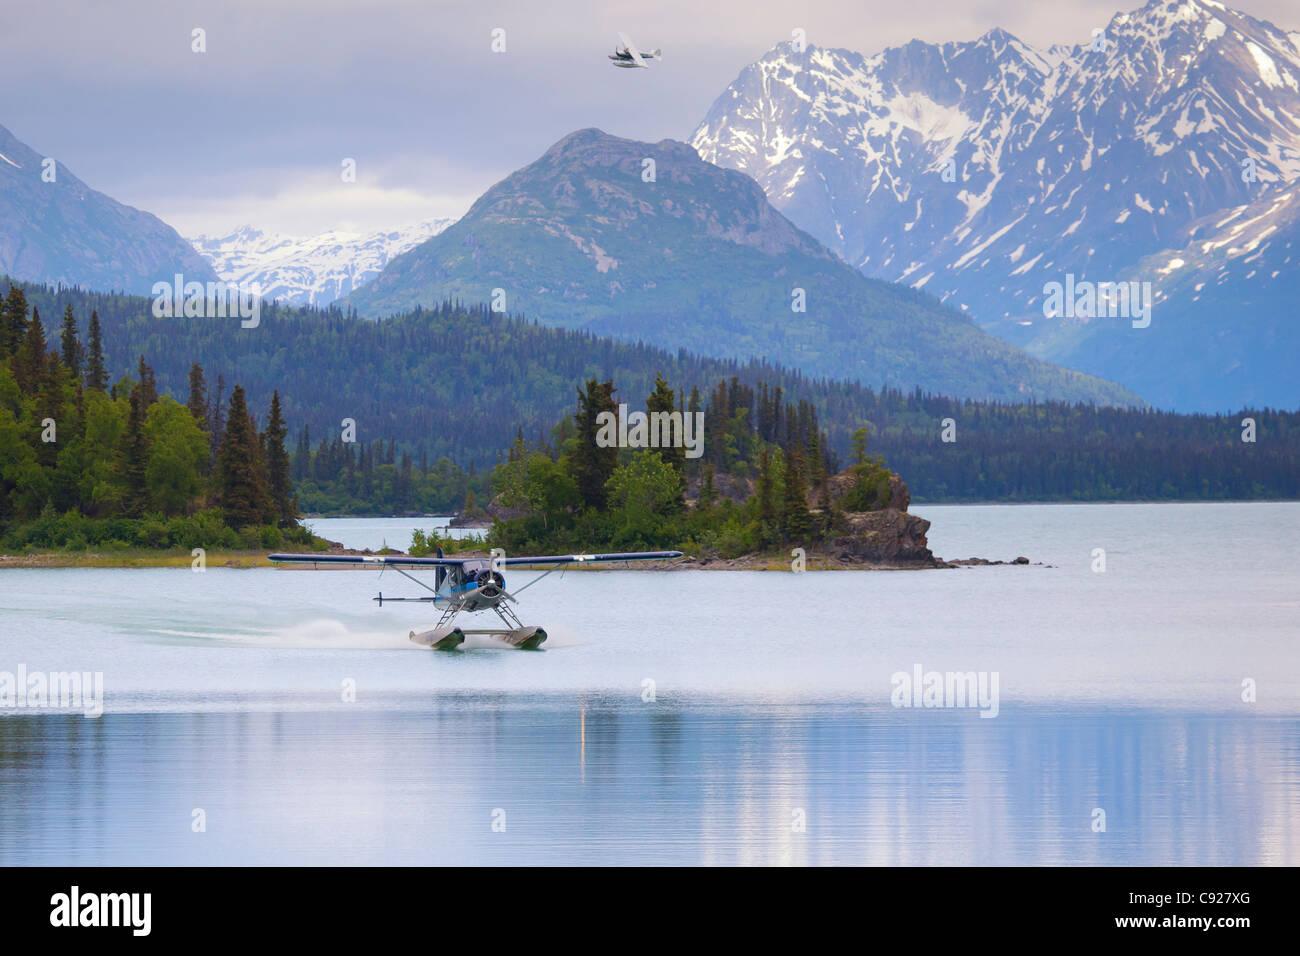 DeHavilland Beaver float plane on Lake Clark, Lake Clark National Park, Alaska - Stock Image